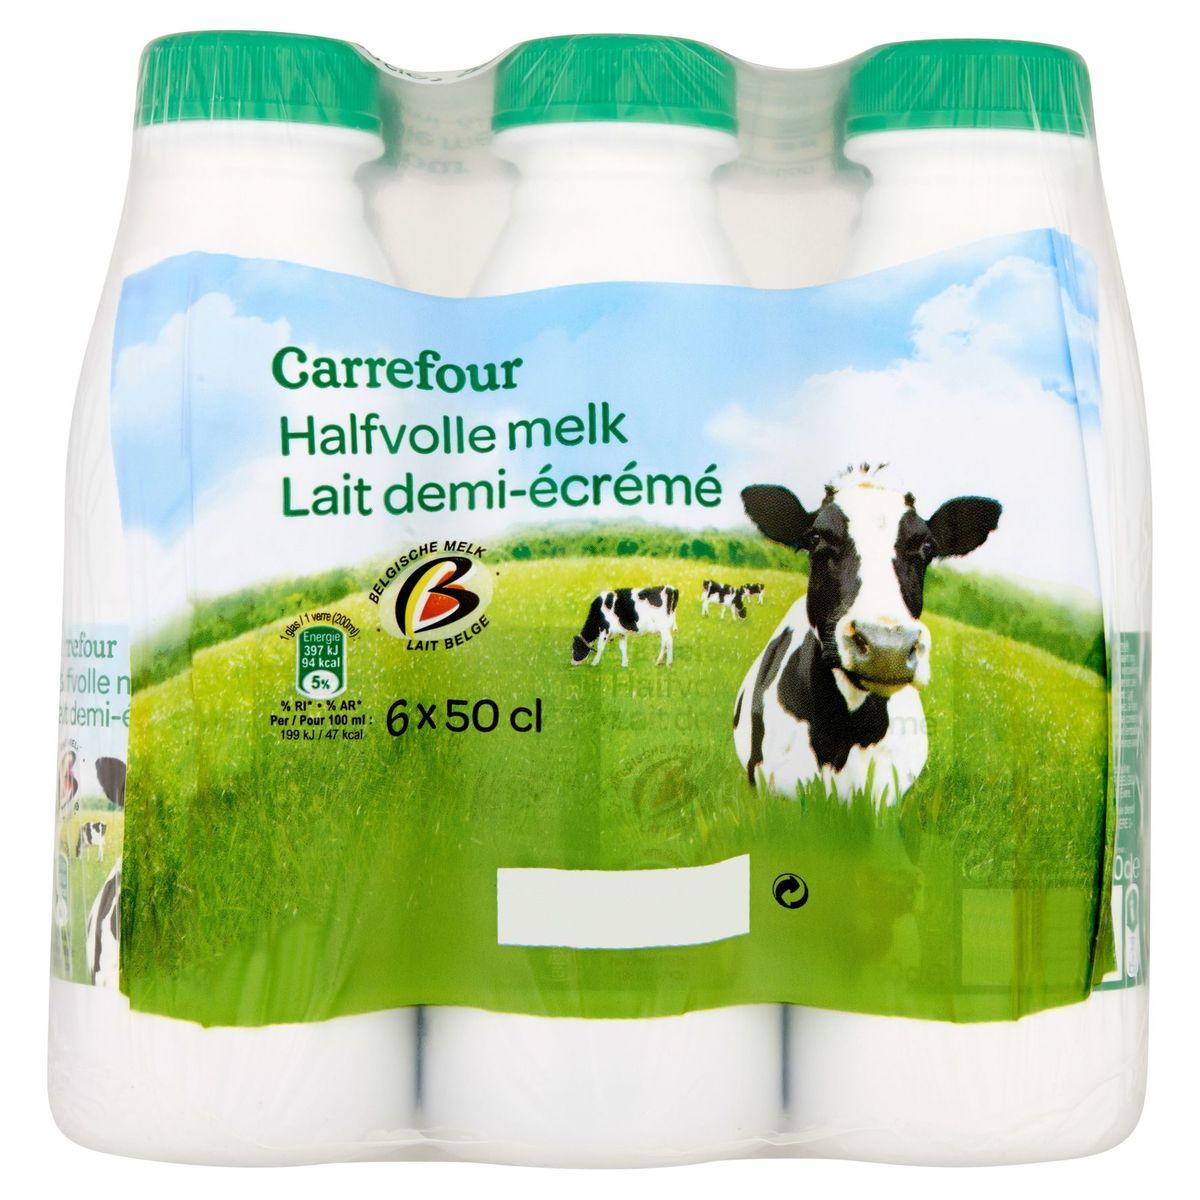 Carrefour Halfvolle melk 6 x 50 cl